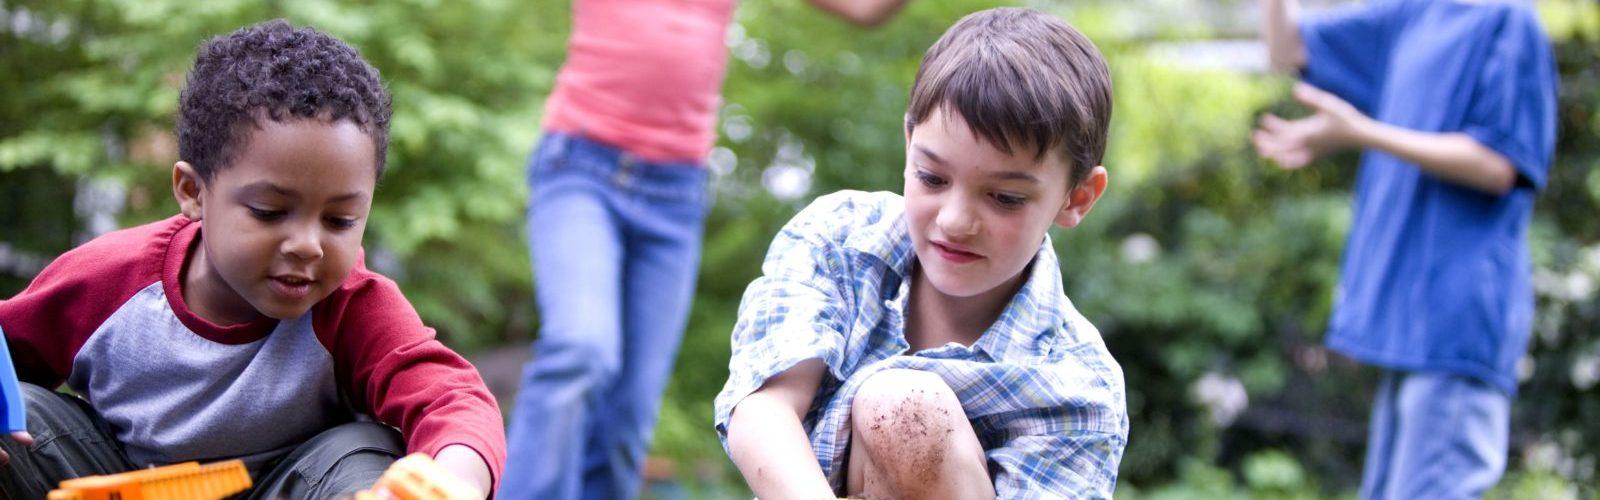 visite-austin-enfants-vacances-sorties-une